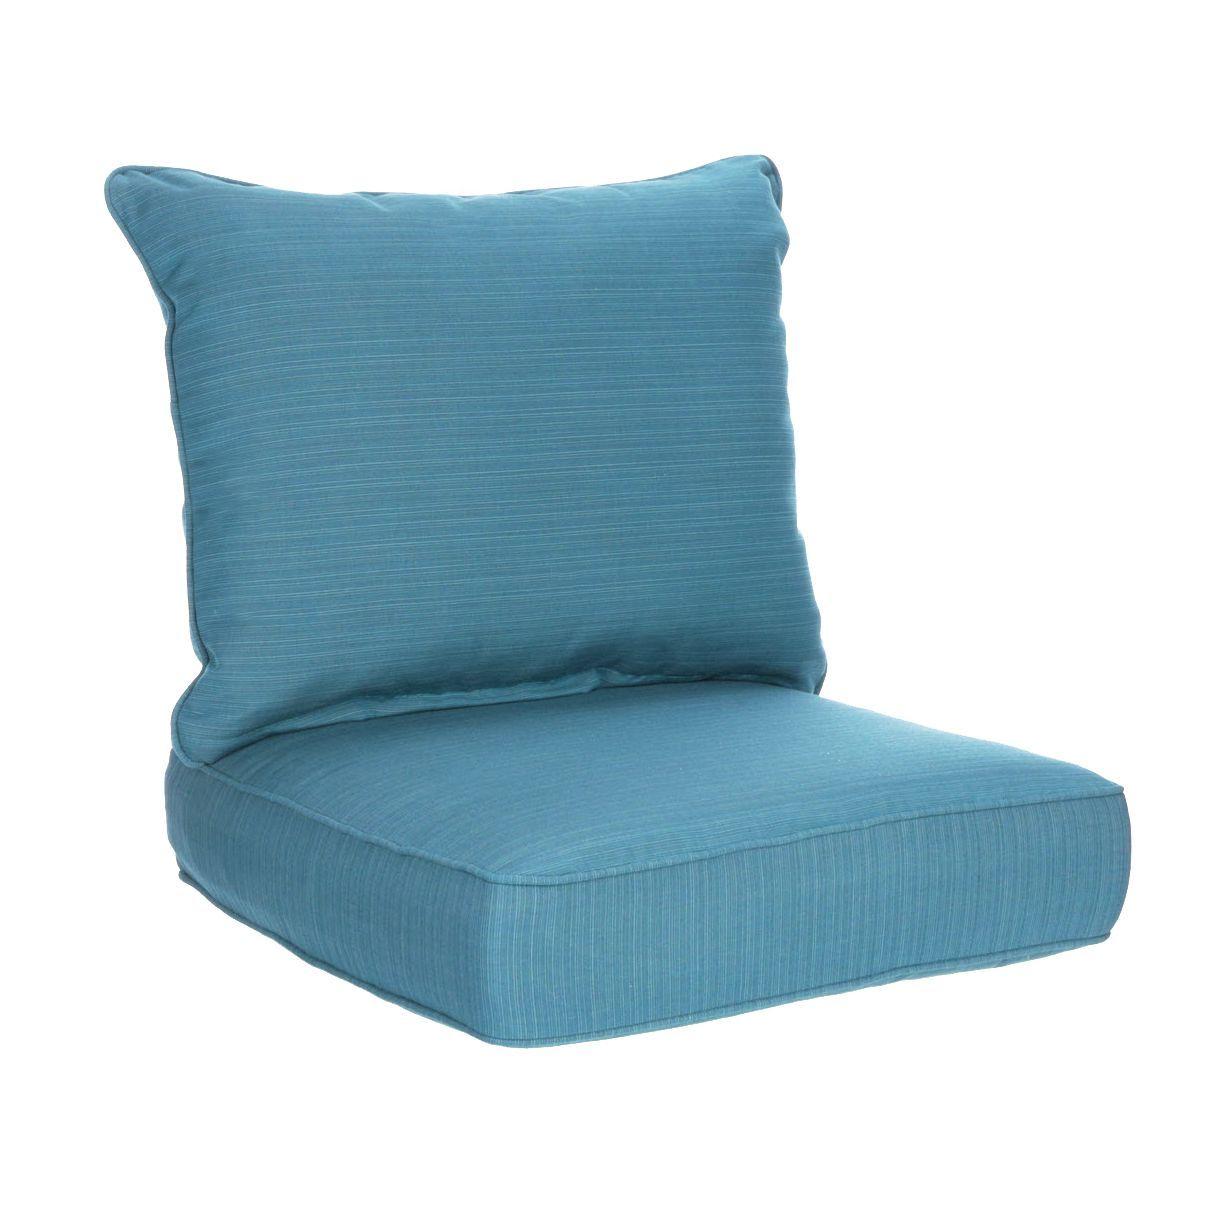 Allen Roth Sunbrella 2 Piece Deep Sea Deep Seat Patio Chair Cushion Lowes Com Patio Chair Cushions Deep Seating Patio Furniture Cushions